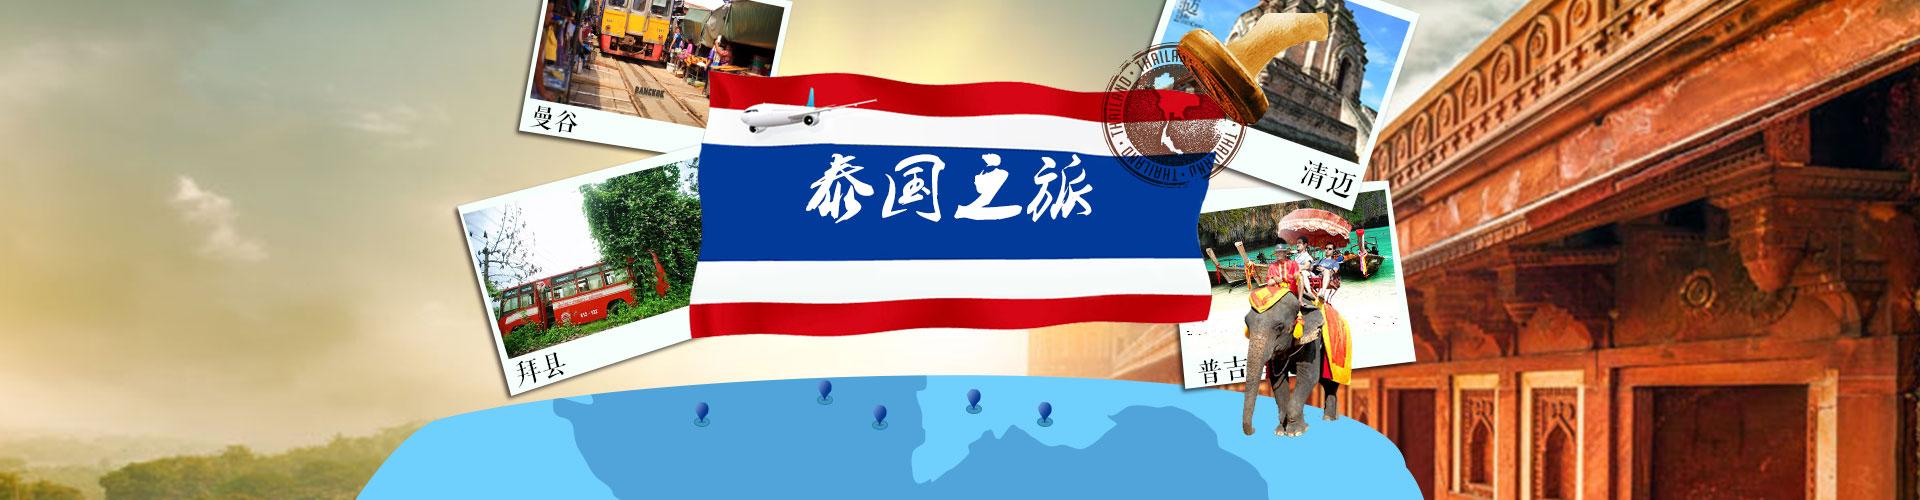 为吸引中国等地游客旅游 泰国将免收落地签费至2020年4月30日